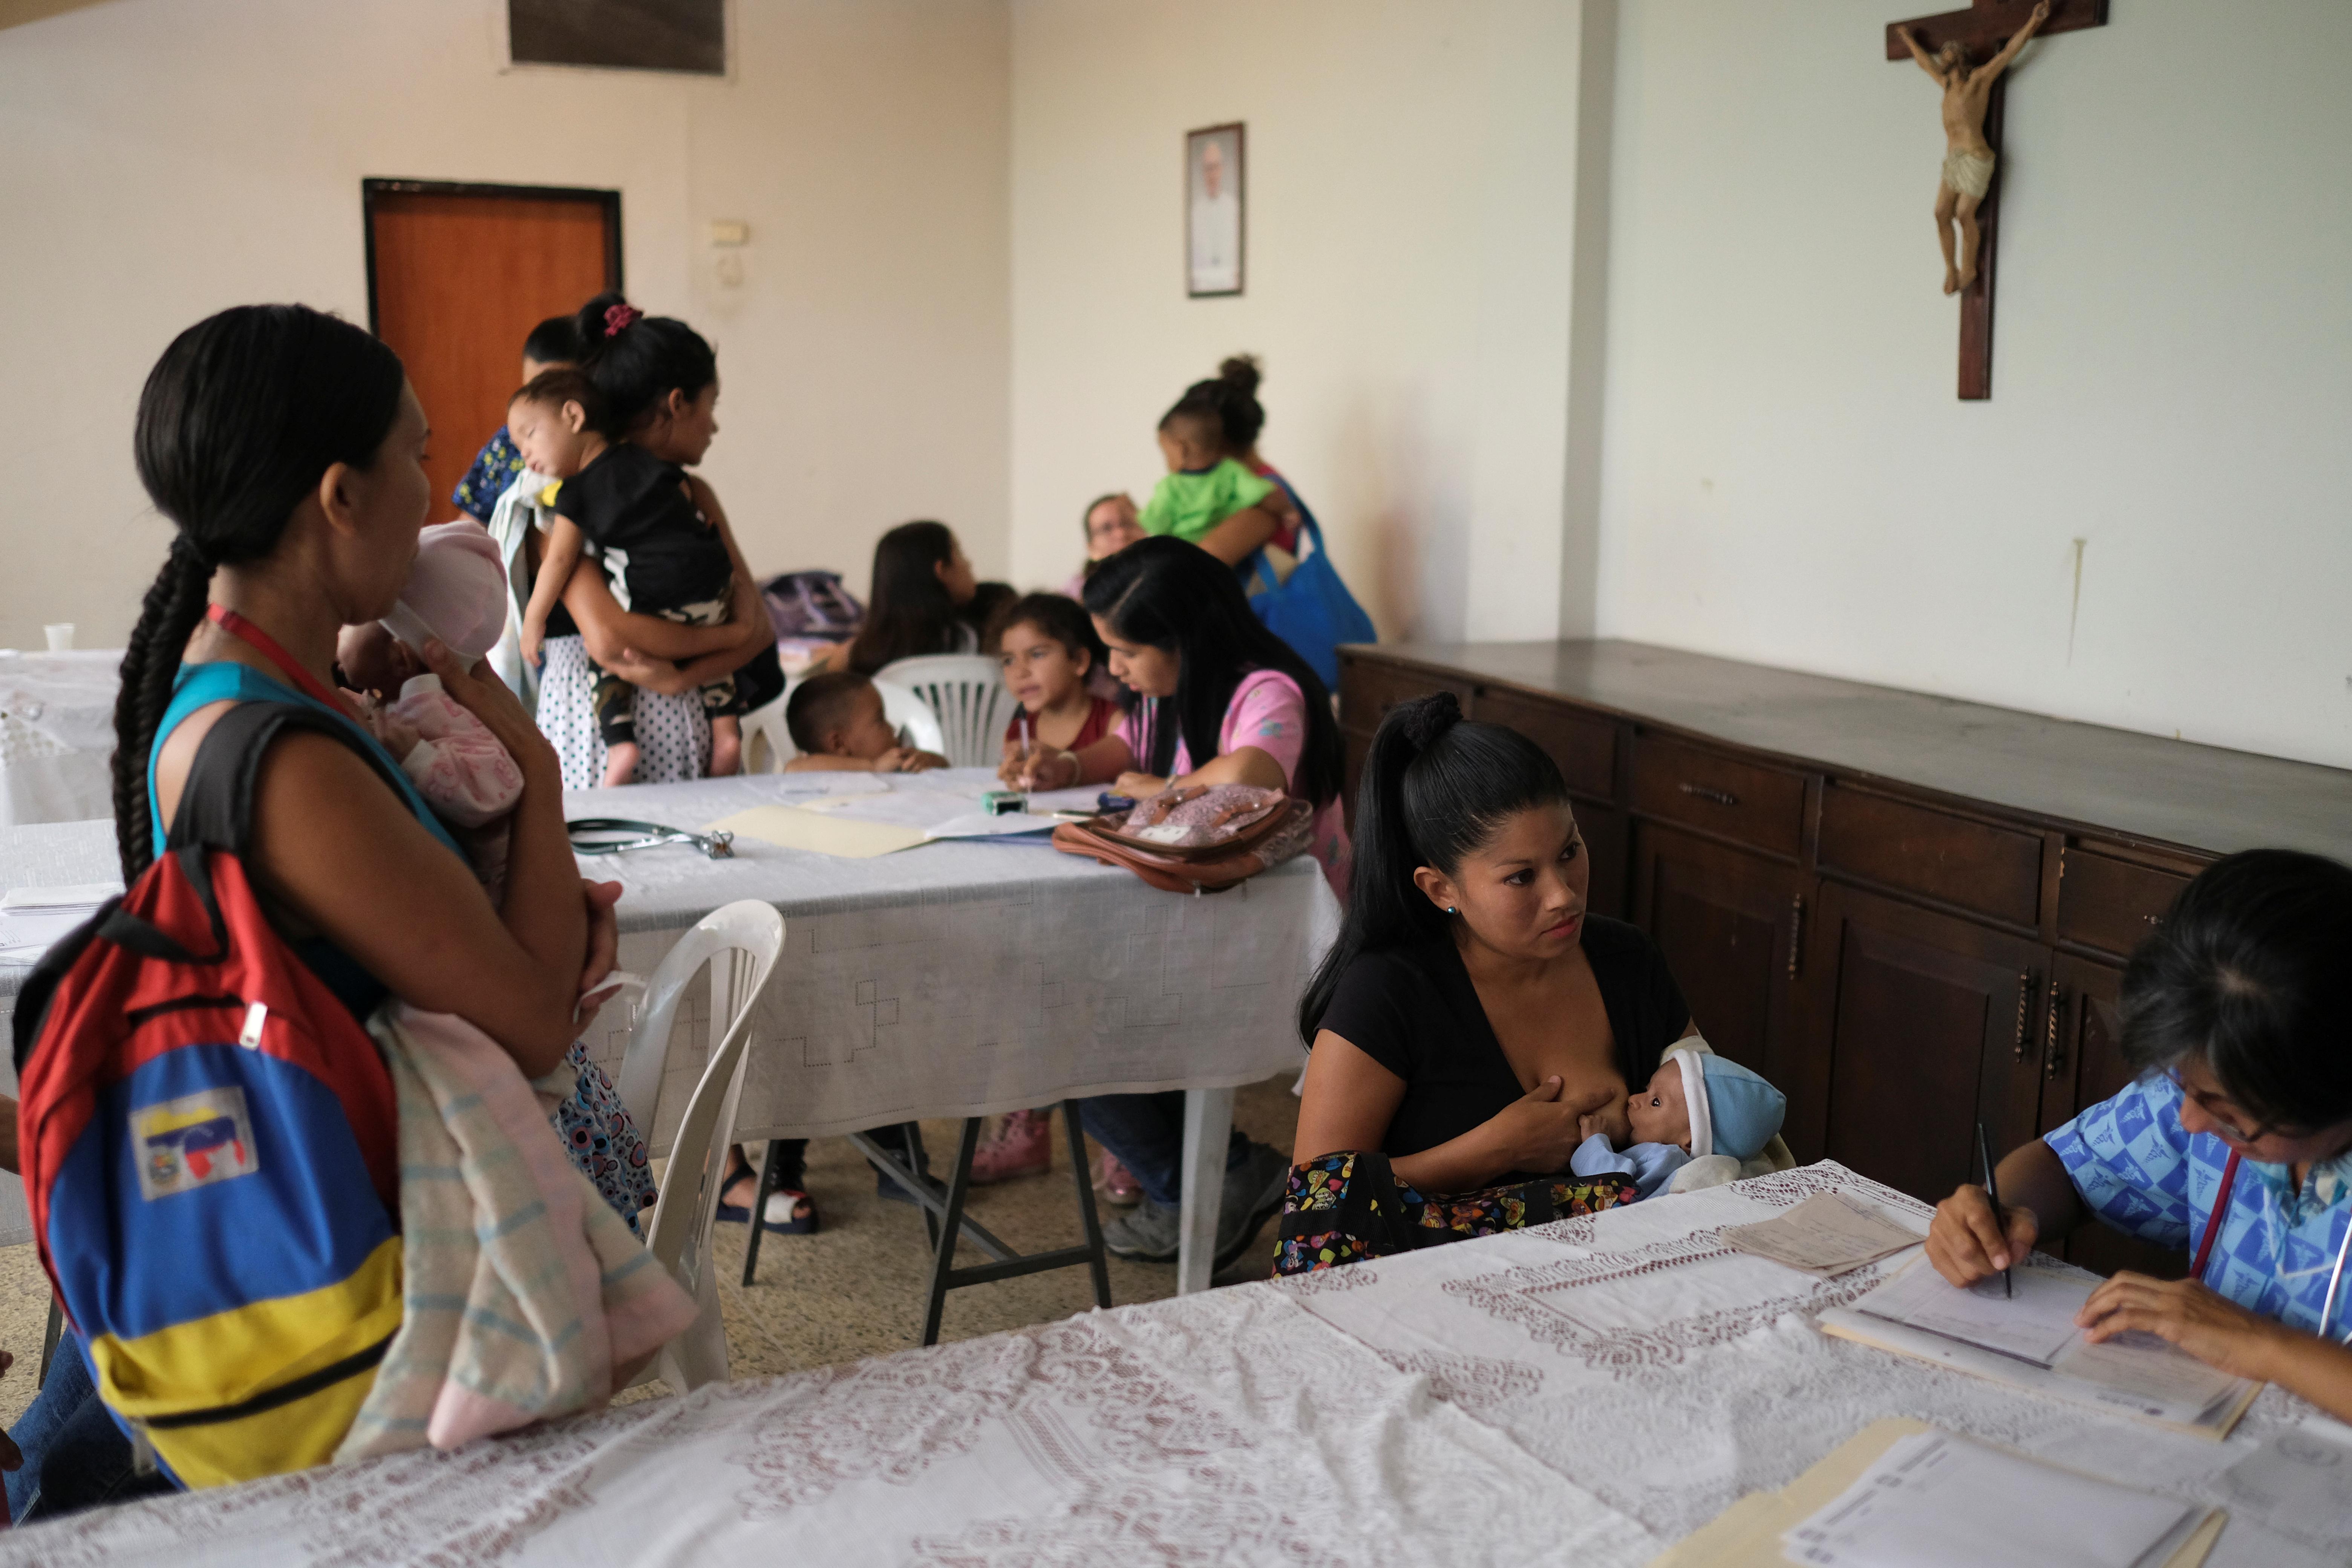 Distintas familias con niños desnutridos asisten a un encuentro en una iglesia (REUTERS/Carlos García Rawlins)